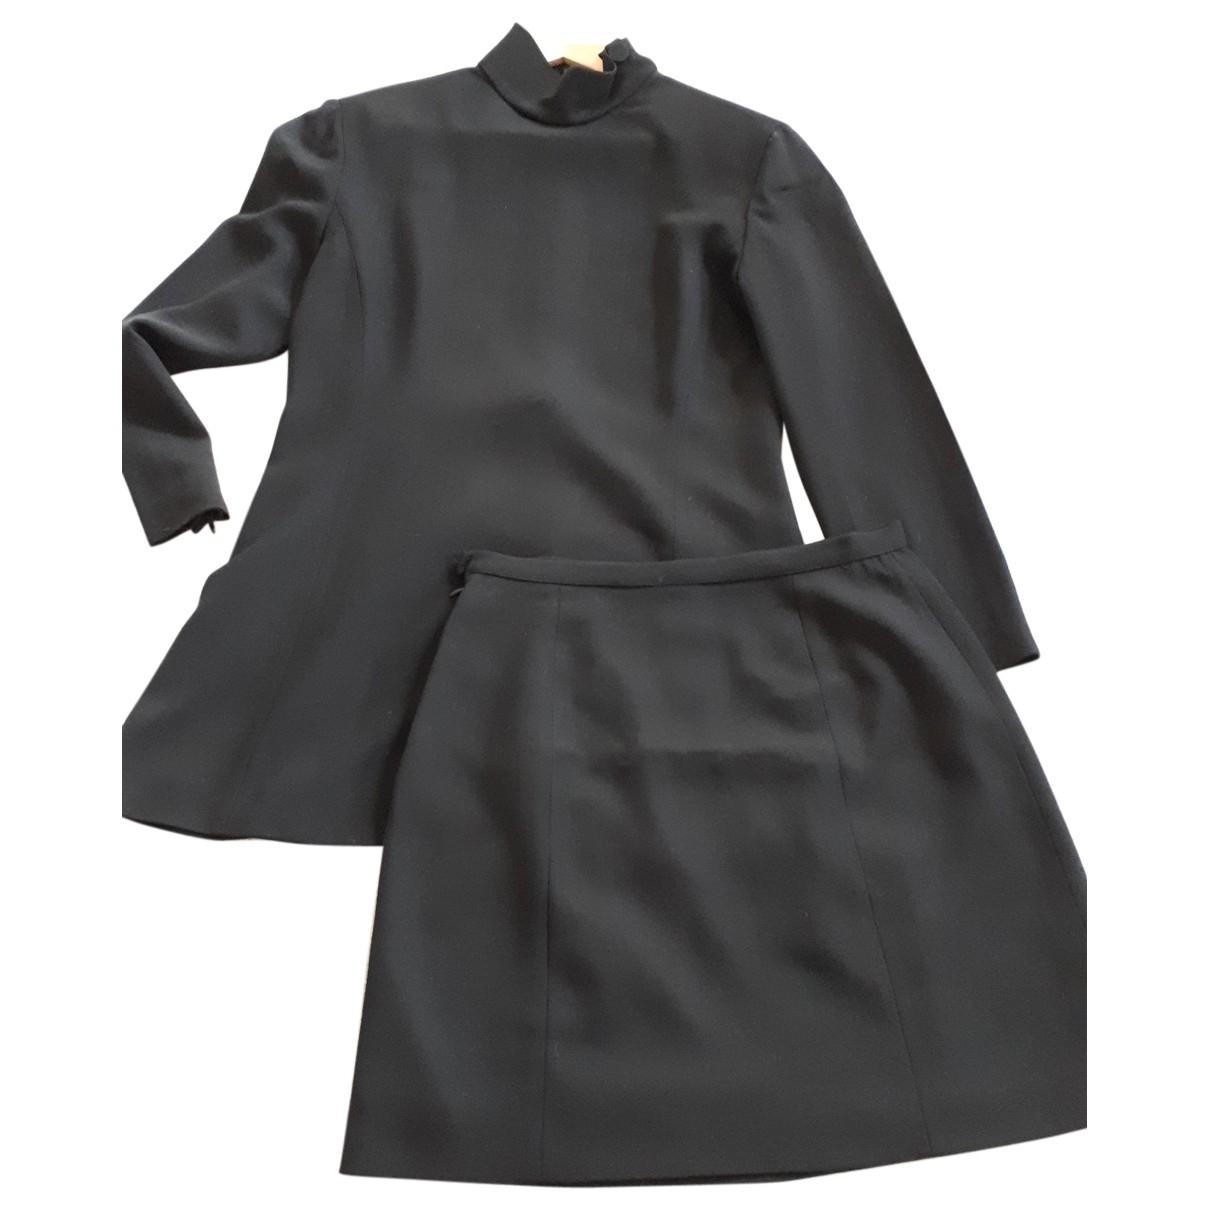 Emporio Armani \N Kleid in  Schwarz Viskose